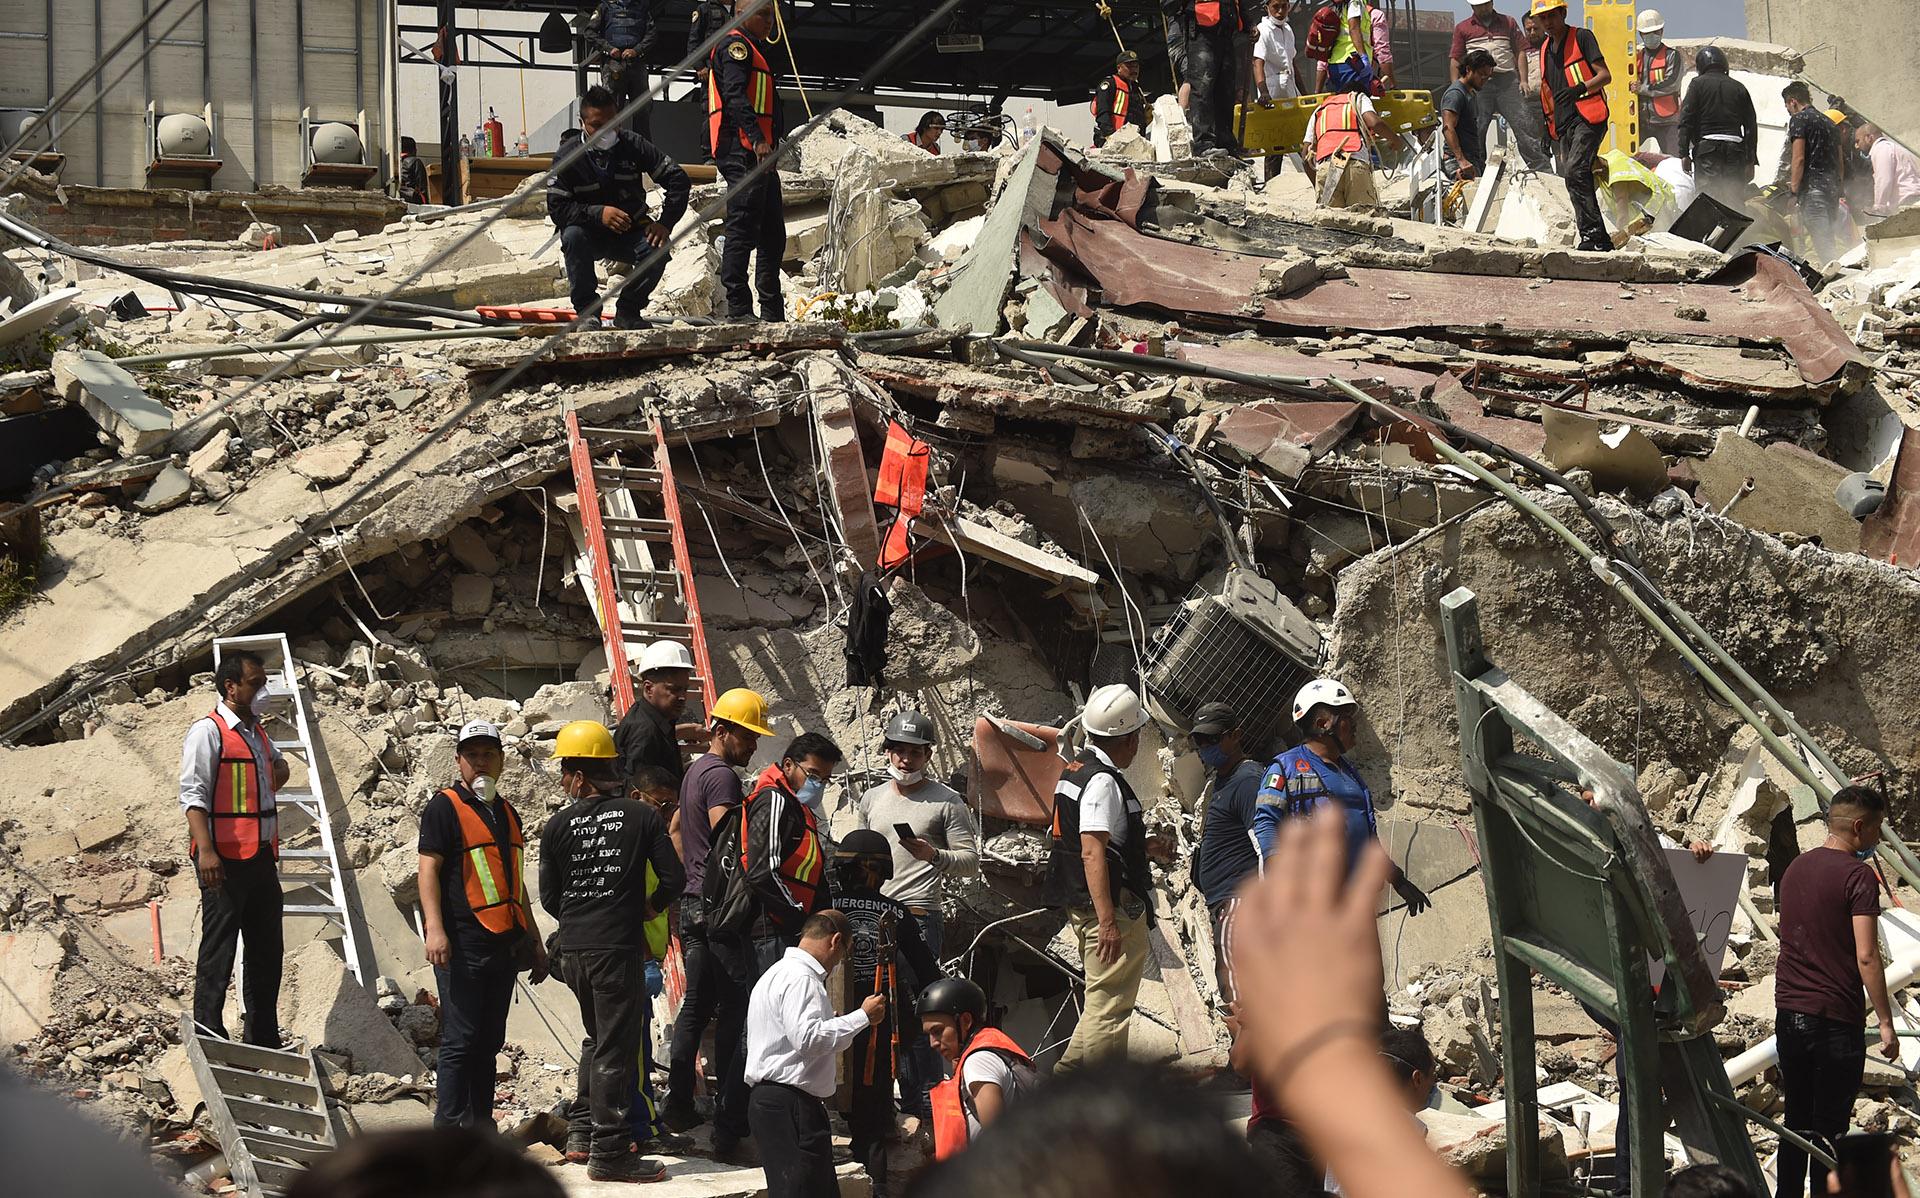 19/9 Un terremoto deja más de 300 muertos y centenares de heridos en la Ciudad de México y sus alrededores